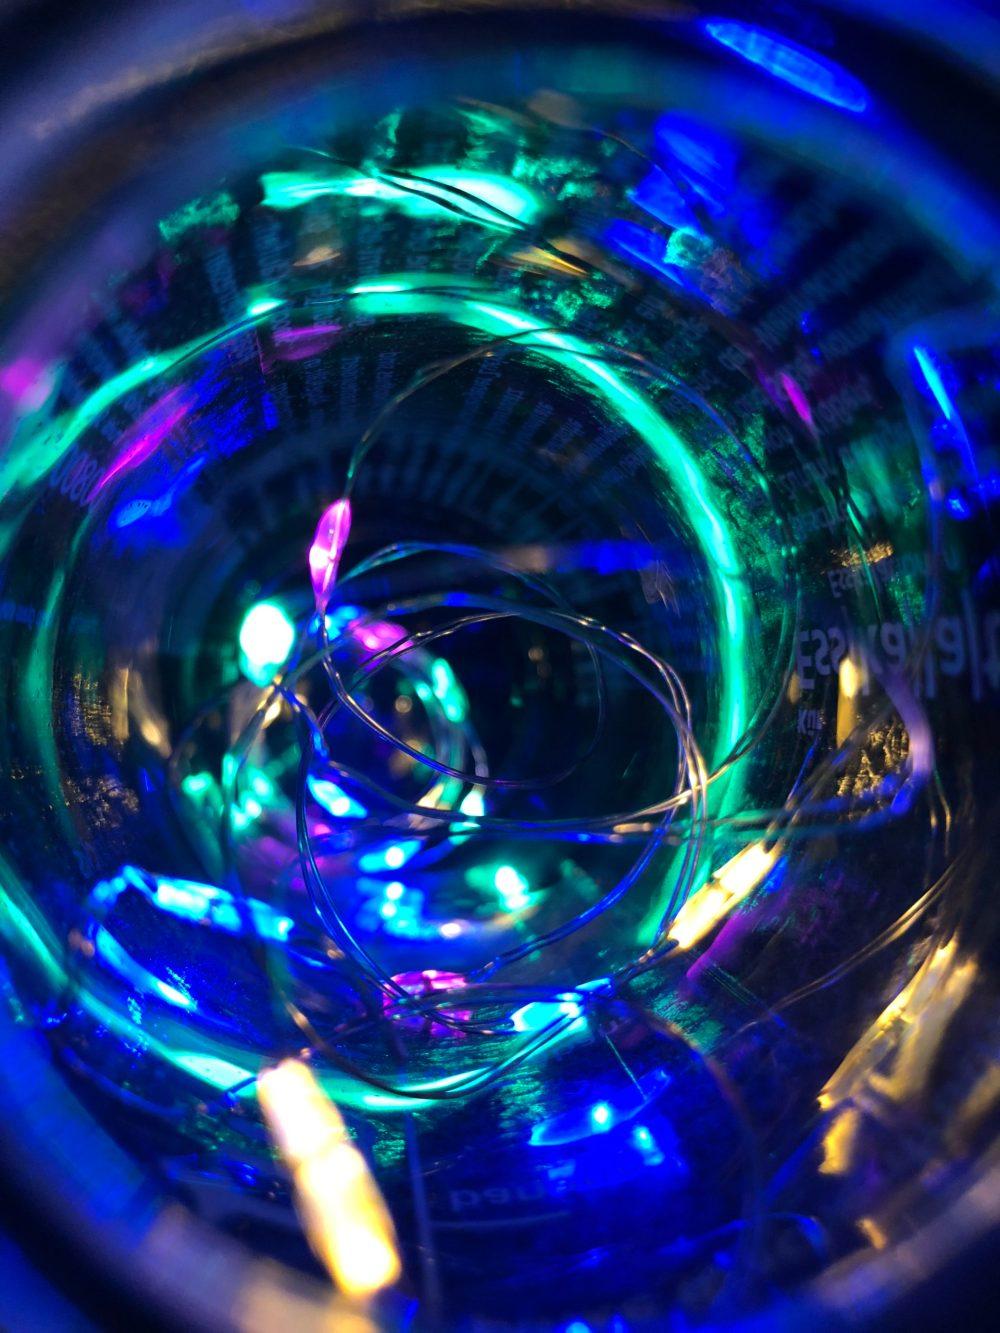 Türkisfarbene und pinkfarbene Licht erstrahlen die Flasche im Dunkeln